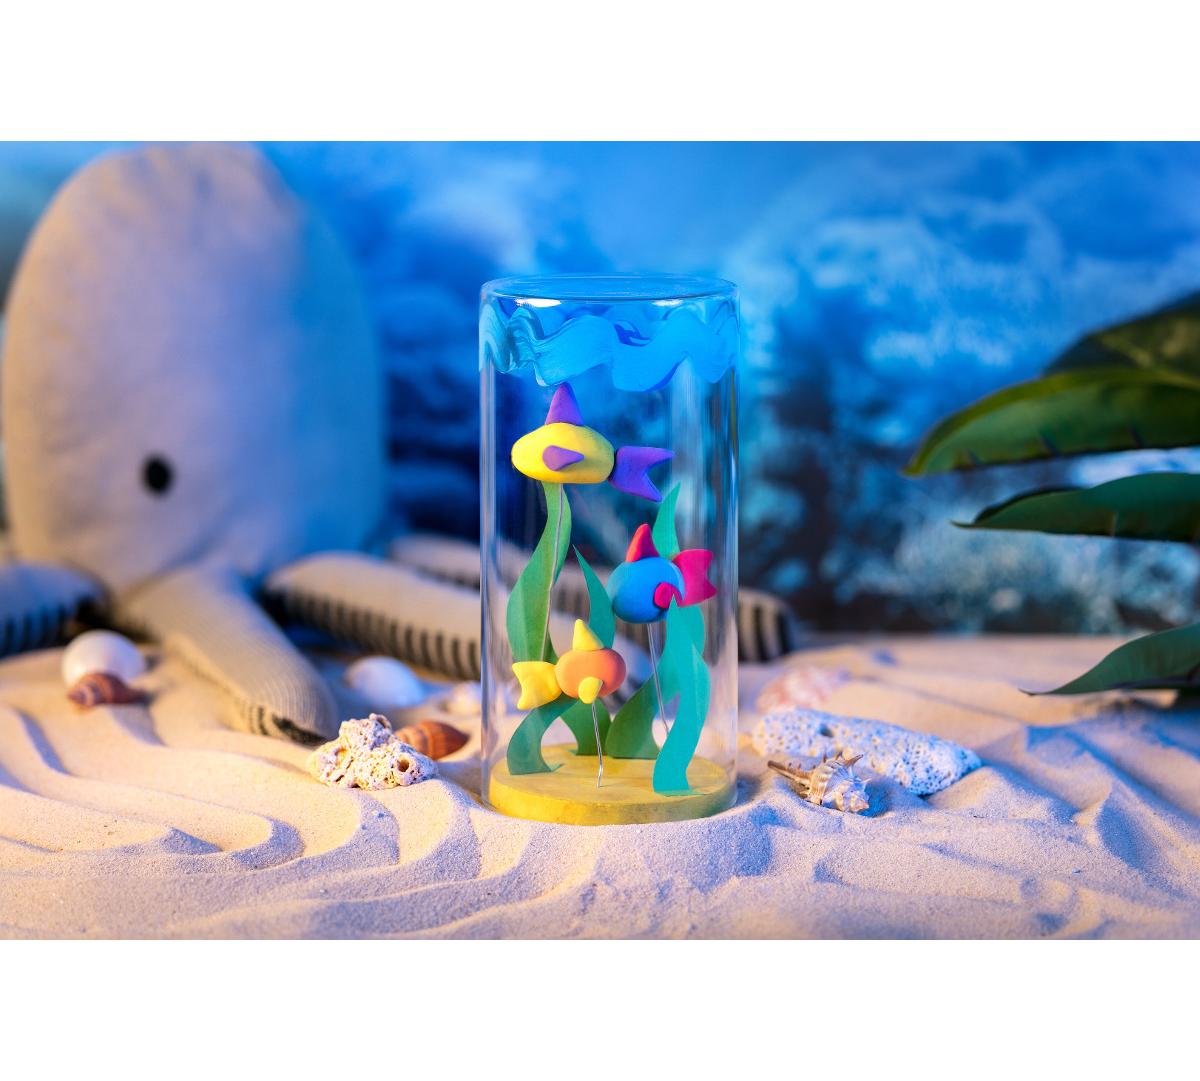 Kids Fish Craft Kit for DIY Fish Tank | Crayola.com | Crayola